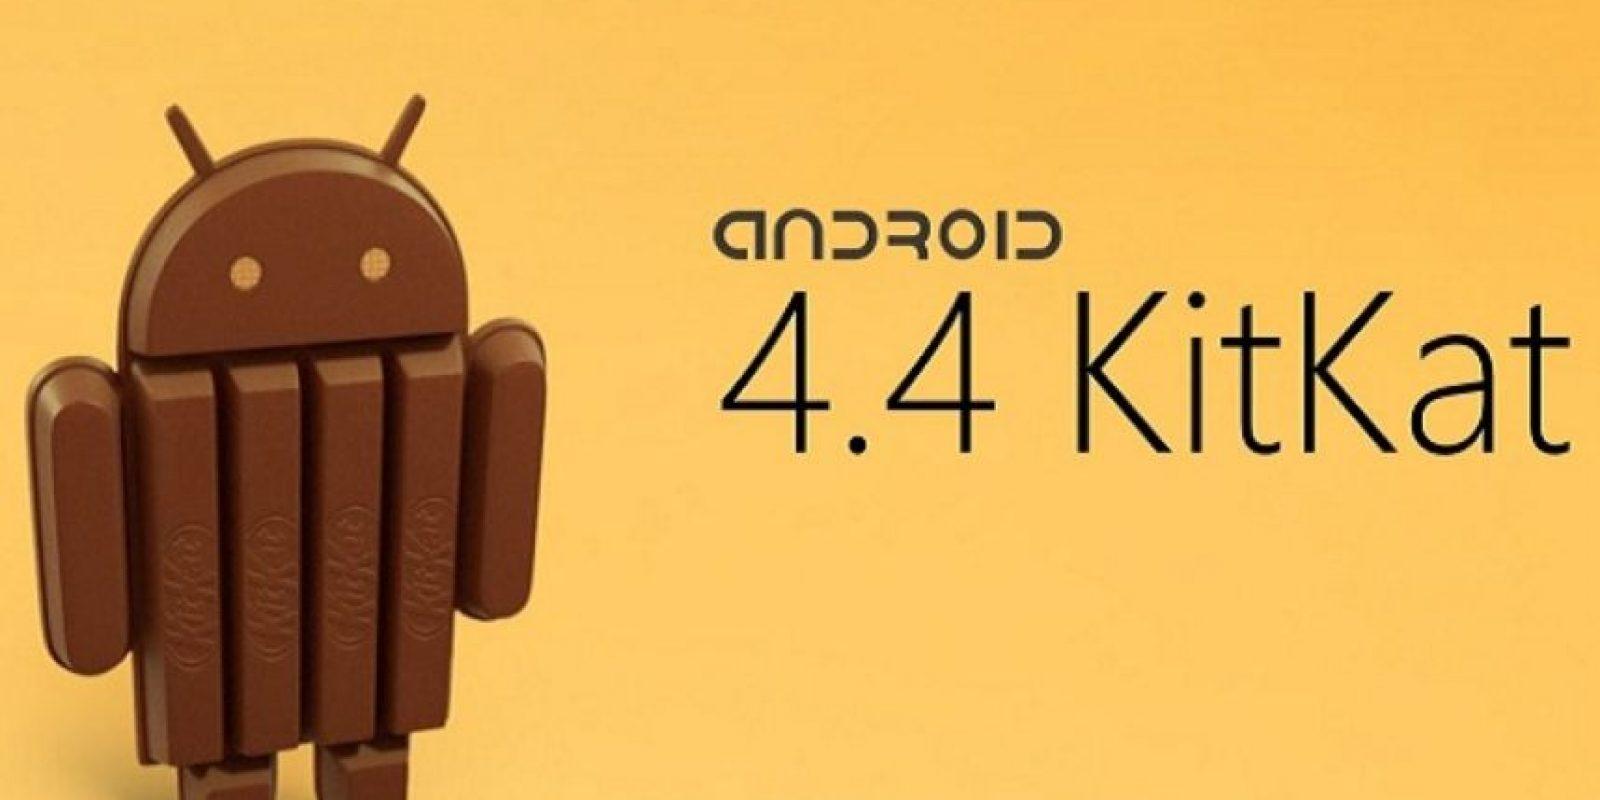 La falla fue corregida a partir de Android KitKat. Foto:Google